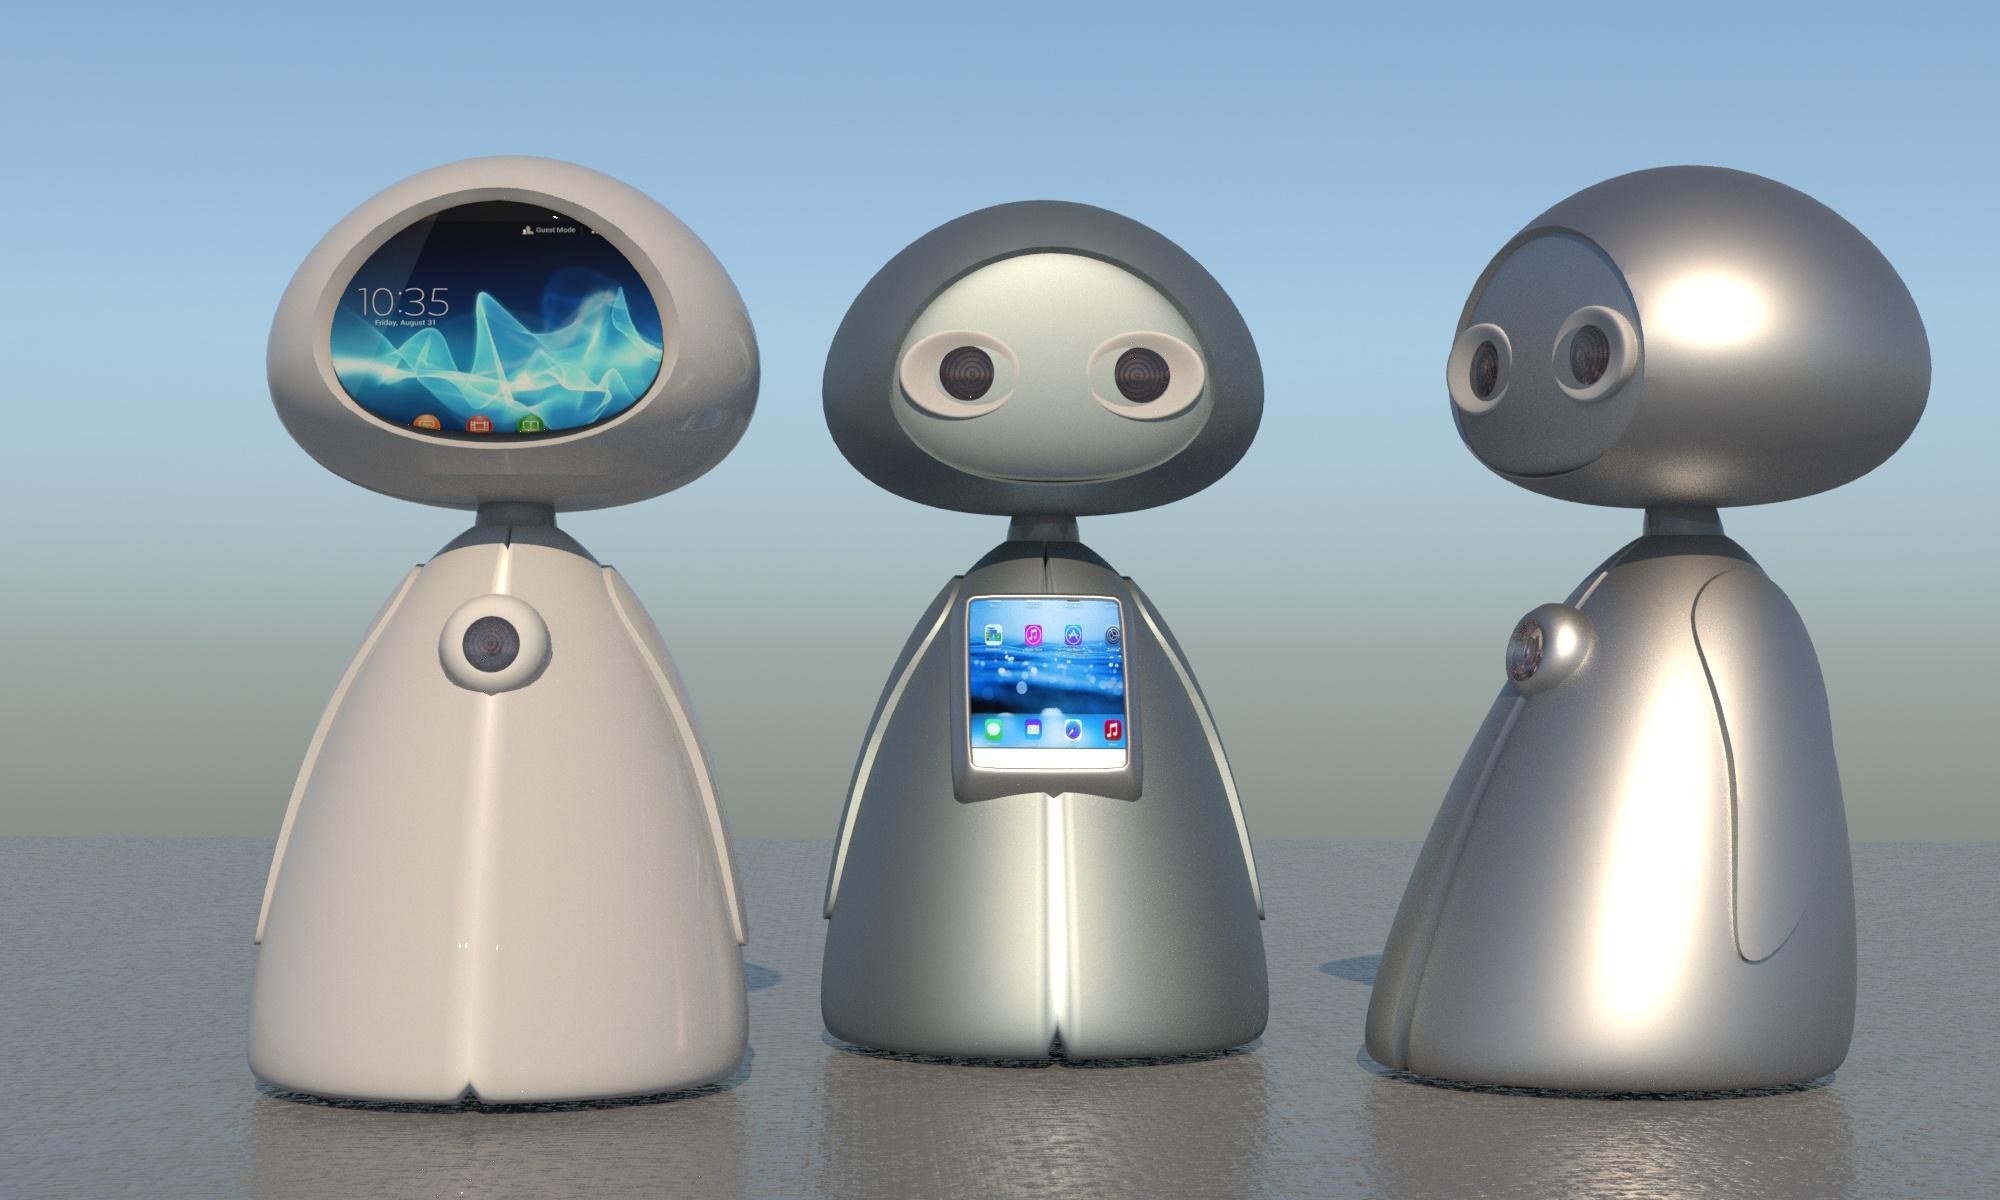 Конкурс на разработку дизайна детского домашнего робота. фото f_4065a7f4b4450707.jpg